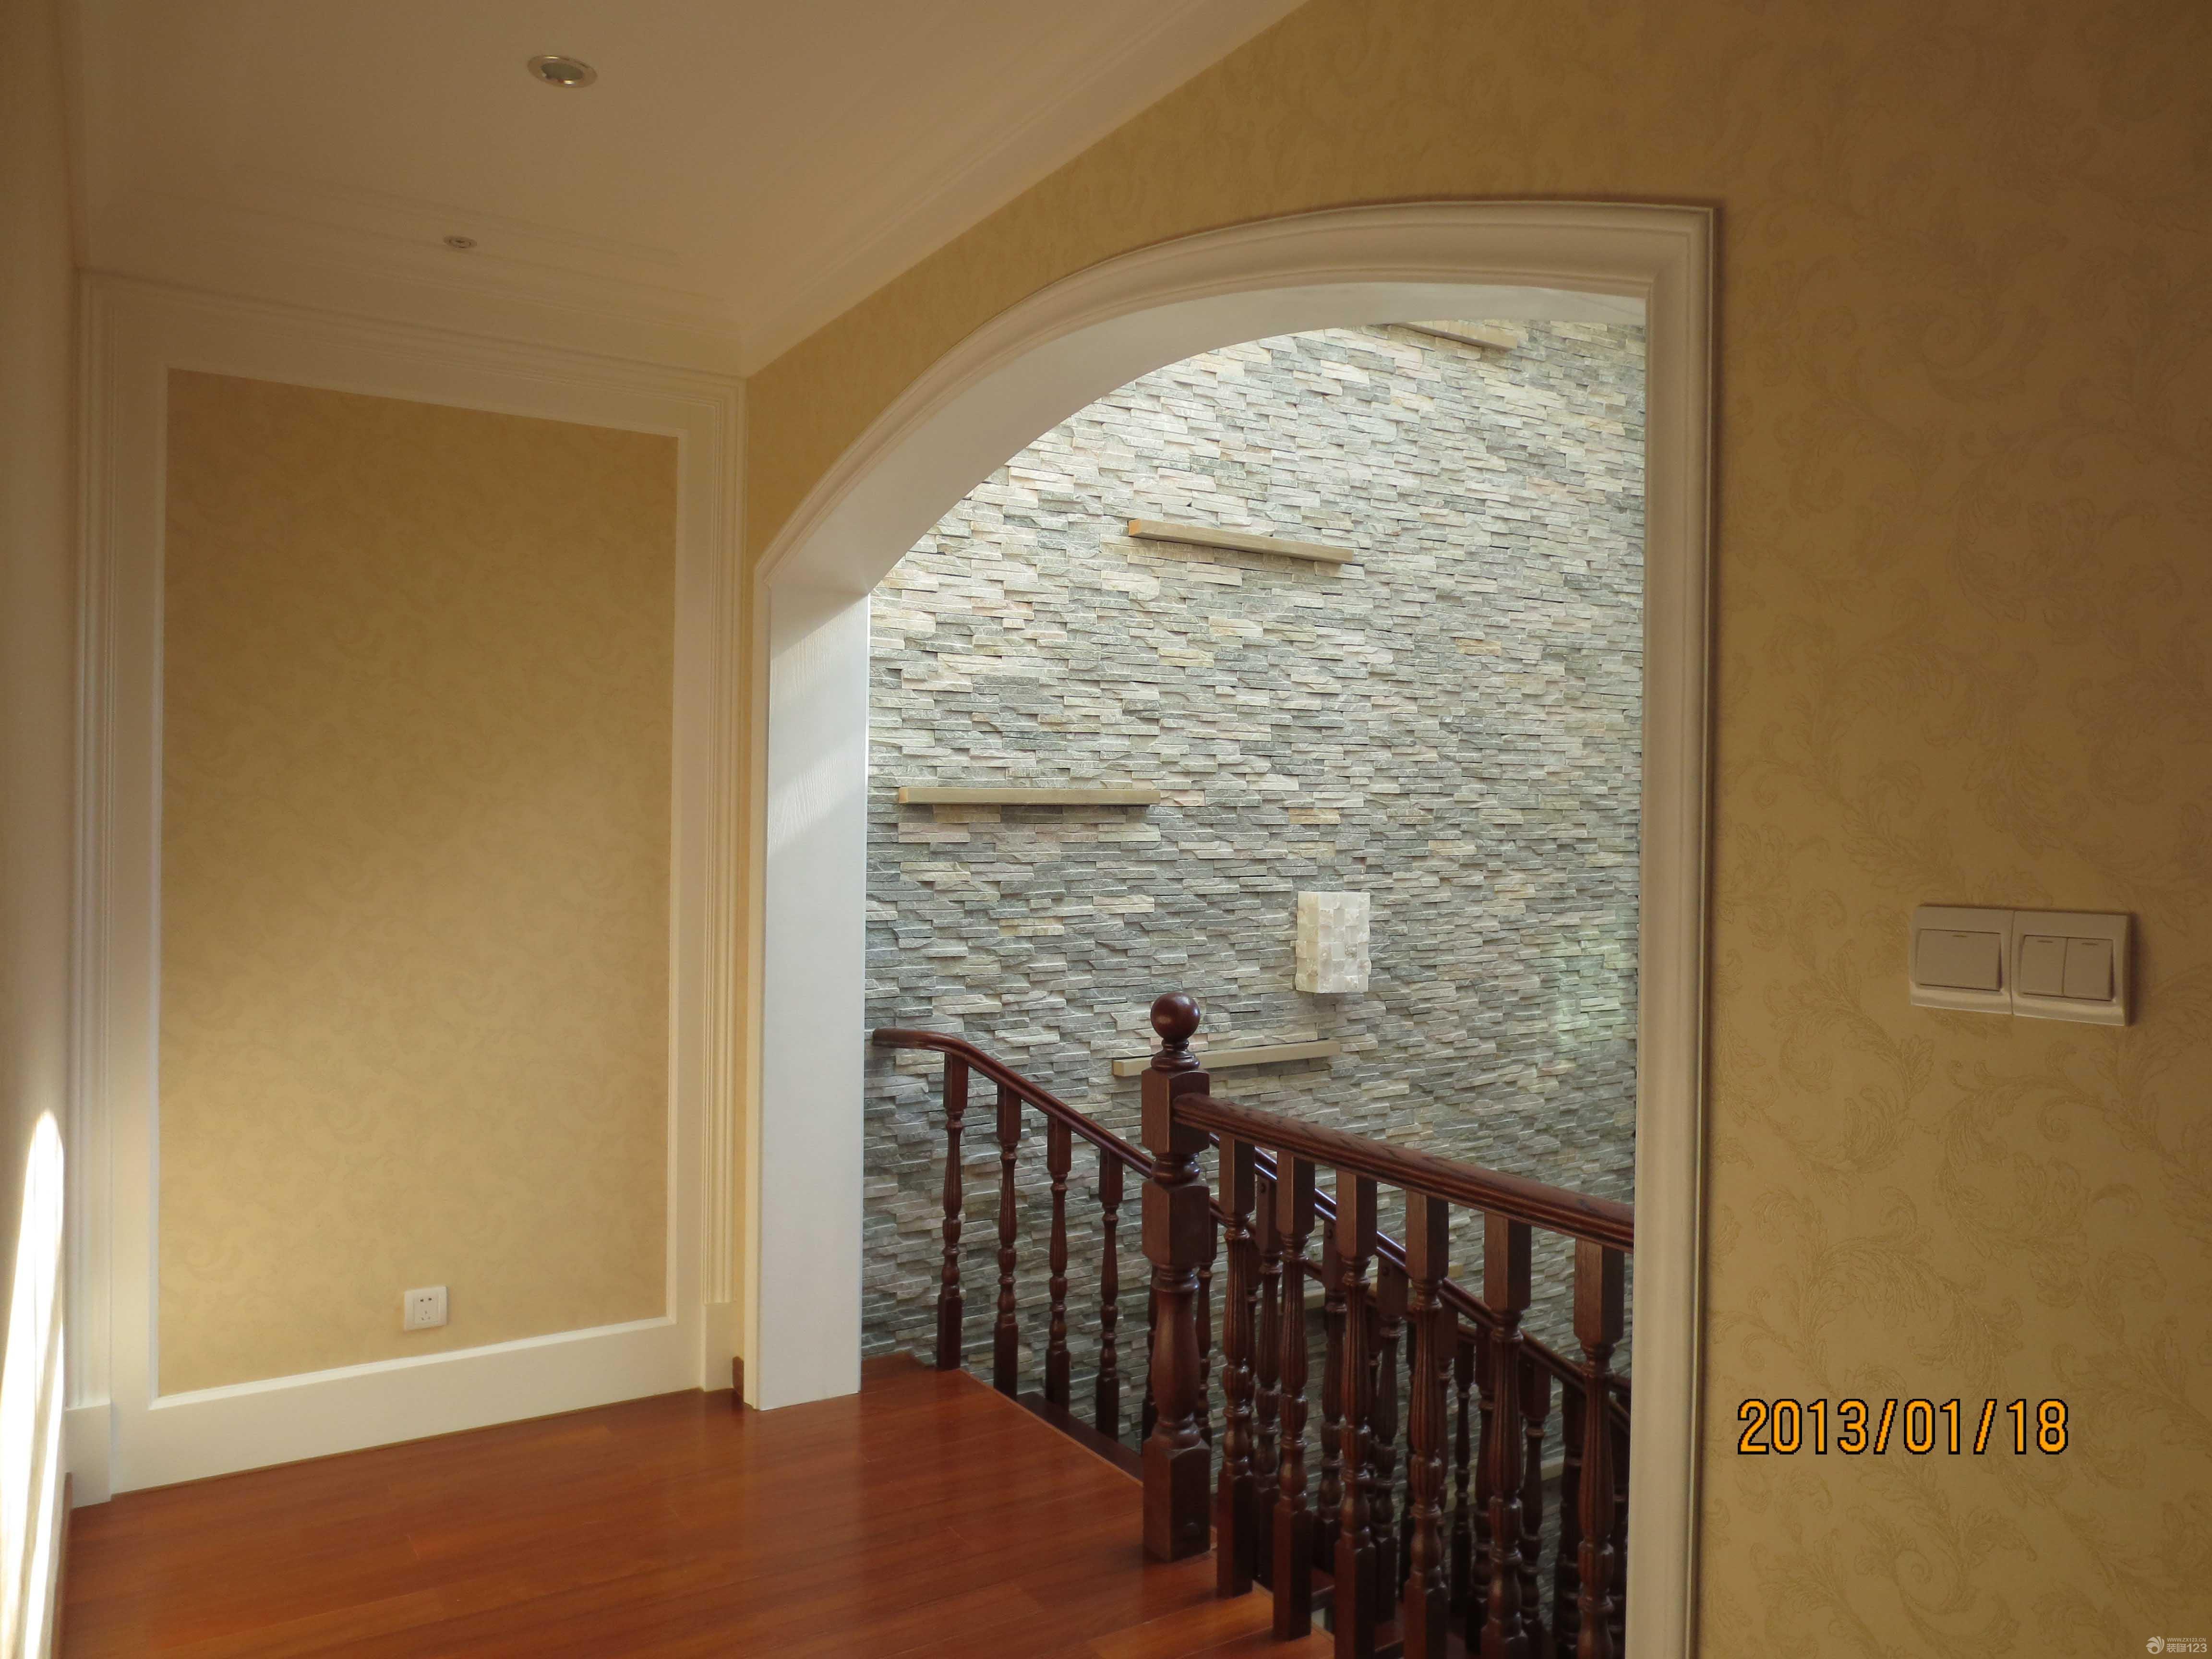 简约欧式风格玄关墙面壁纸图片